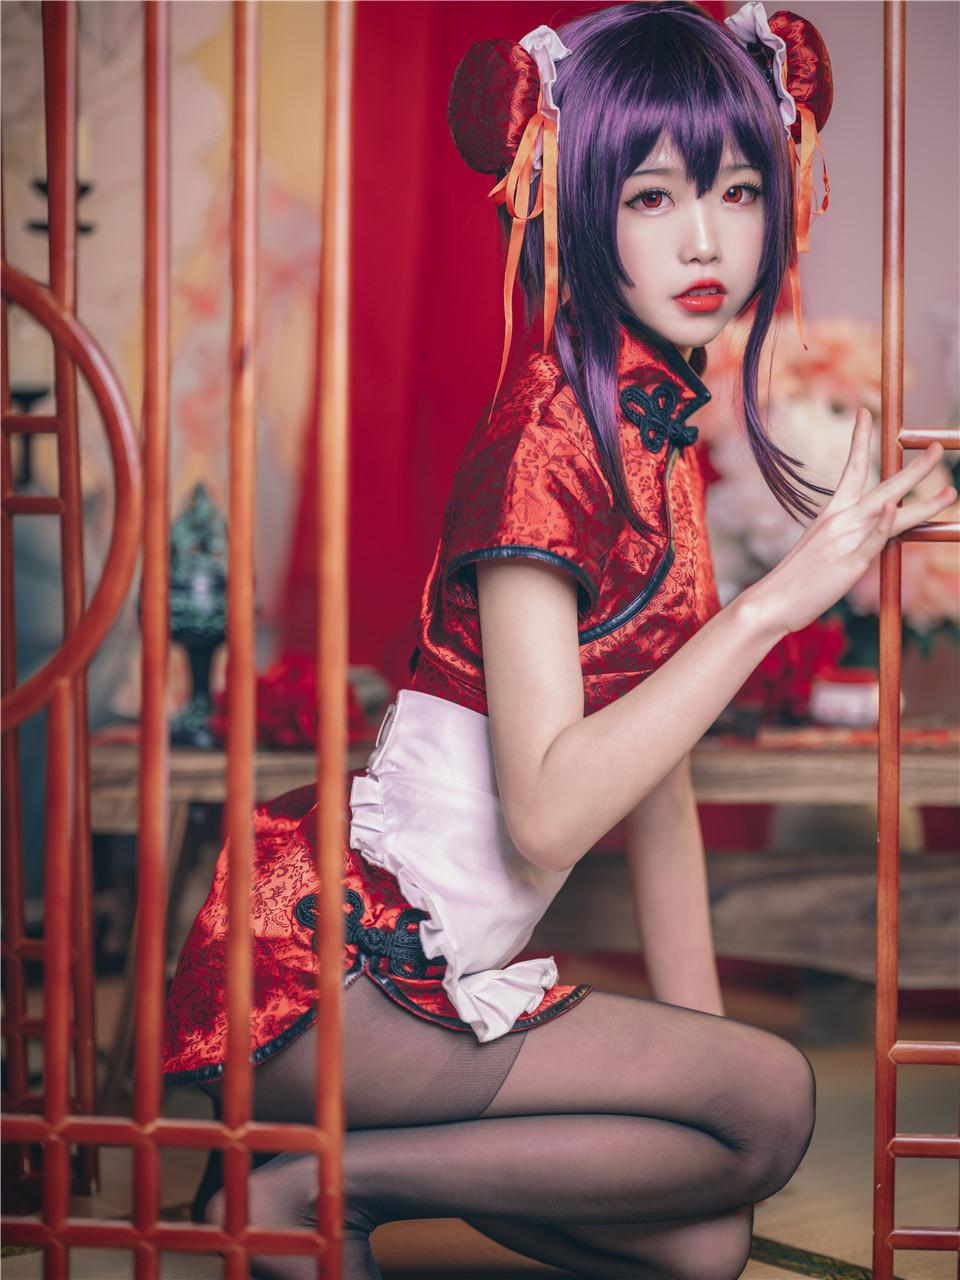 水淼aqua_NO.028 之丘诗羽 旗袍